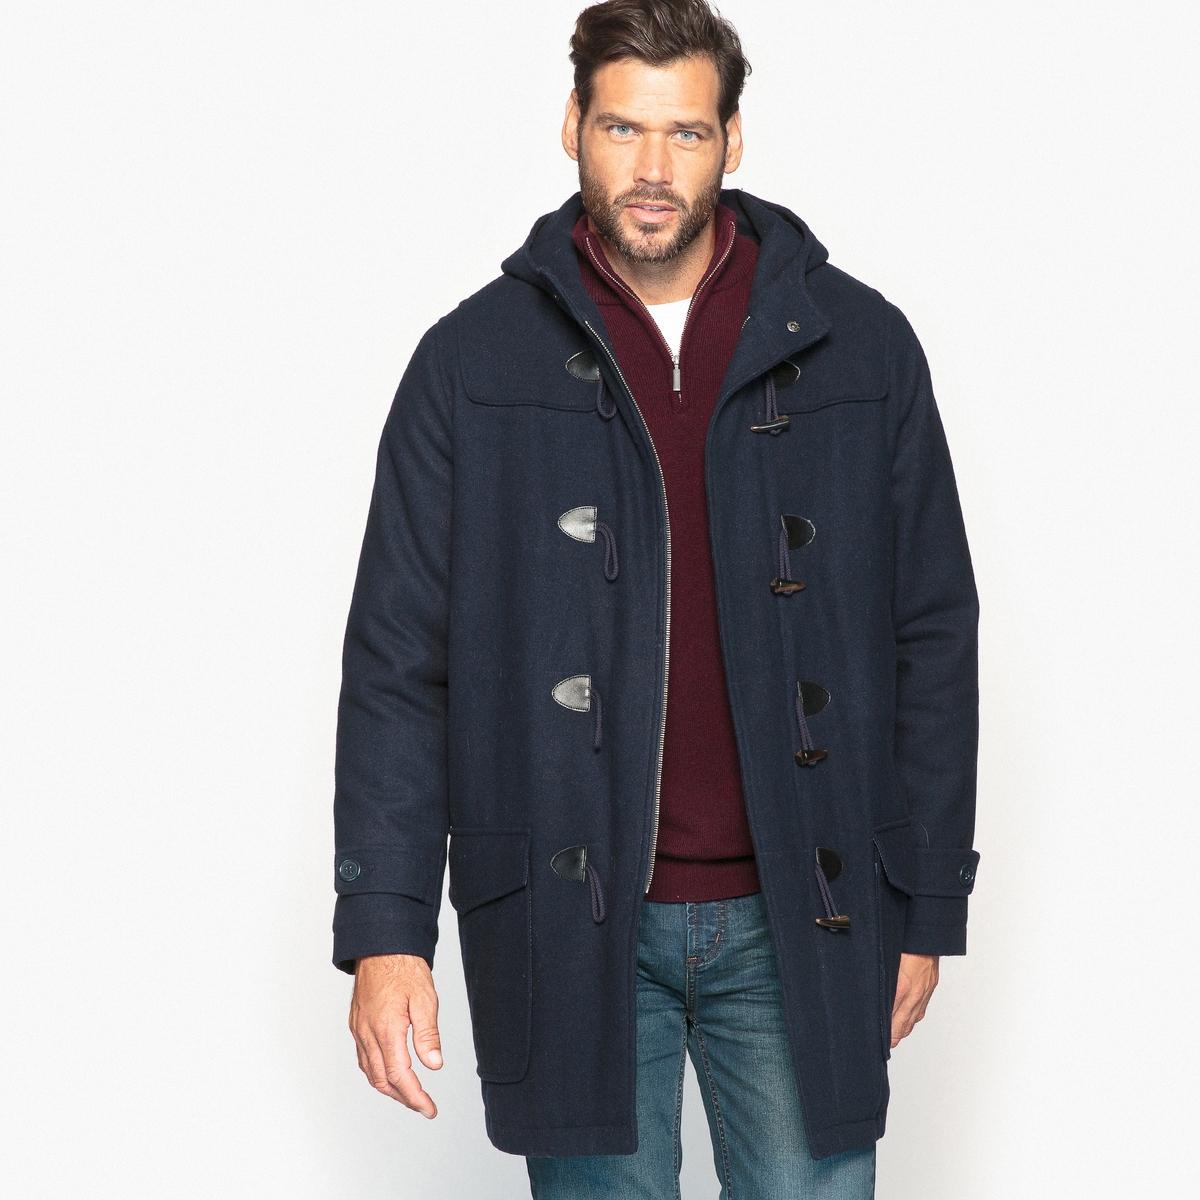 Короткое пальто с капюшономОписание:Дафлкот в аутентичном стиле - главный предмет мужского гардероба. Не выходящее из моды пальто подойдет к образу городского или спортивного стиля.Детали •  Длина : средняя •  Капюшон  •  Застежка на молнию •  С капюшоном Состав и уход •  2% вискозы, 66% шерсти, 5% акрила, 2% хлопка, 4% полиамида, 21% полиэстера • Не стирать •  Допускается чистка любыми растворителями / отбеливание запрещено •  Не использовать барабанную сушку •  Не гладить  Товар из коллекции больших размеров •  Застежка на молнию и застежка-клевант спереди. •  2 больших кармана с клапанами.<br><br>Цвет: темно-синий<br>Размер: 74/76.58/60